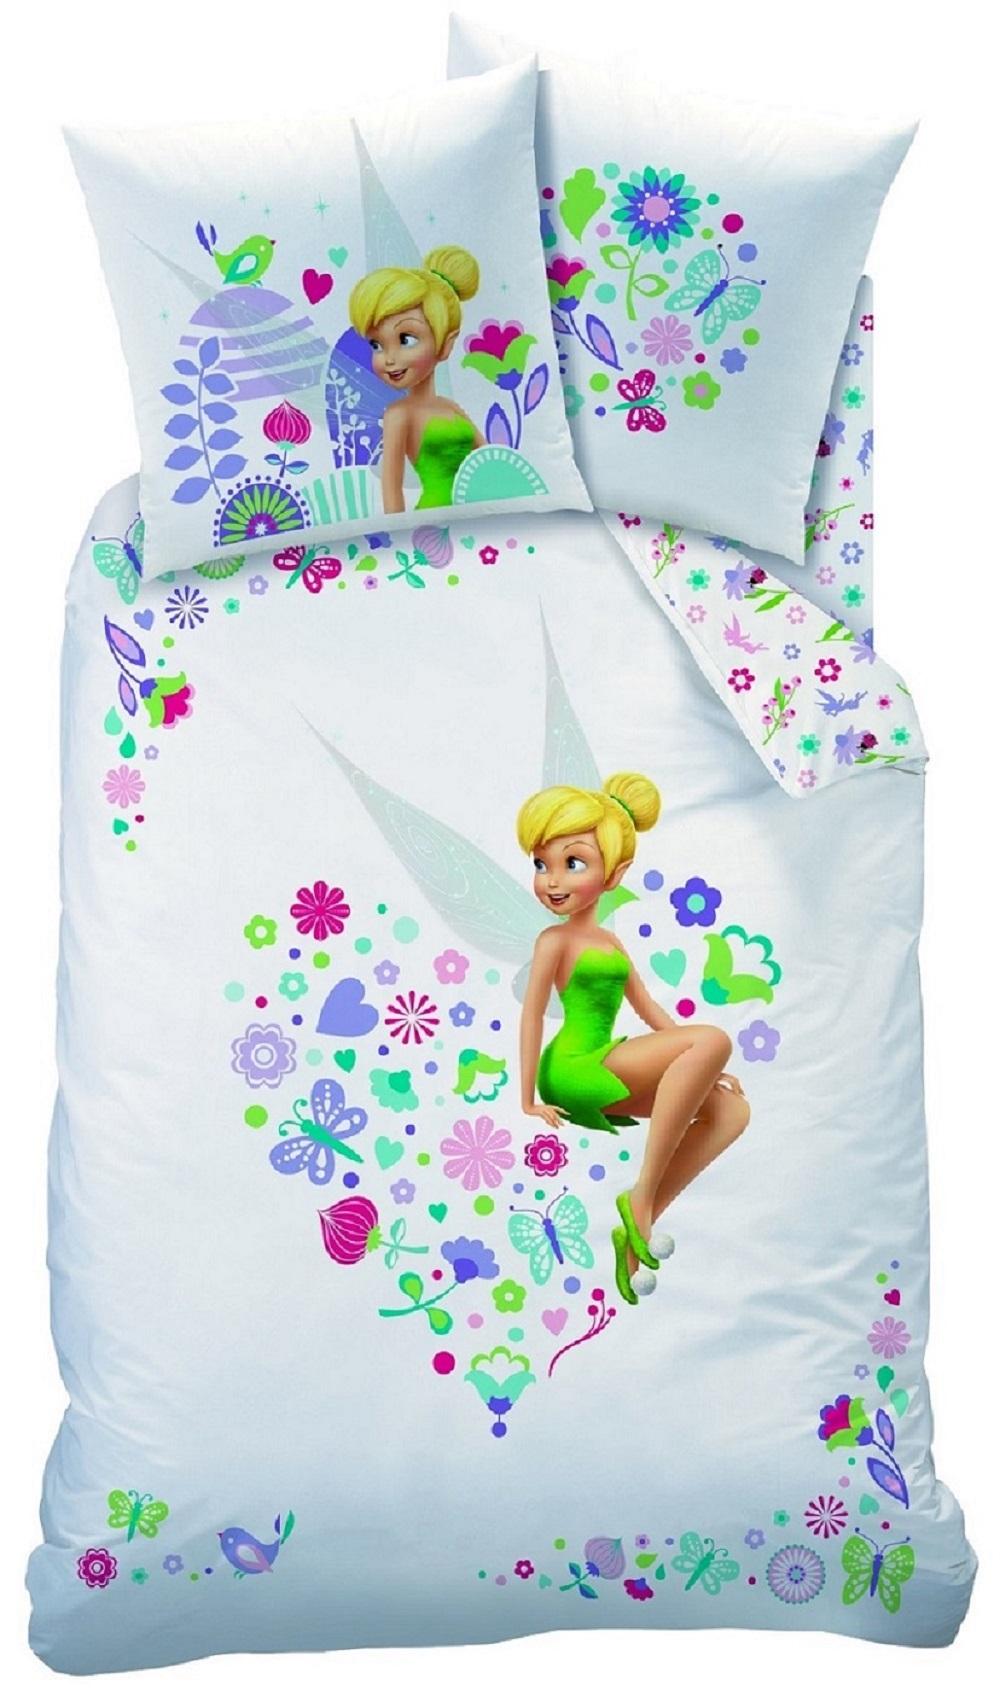 parure de lit f e clochettes disney fairies. Black Bedroom Furniture Sets. Home Design Ideas